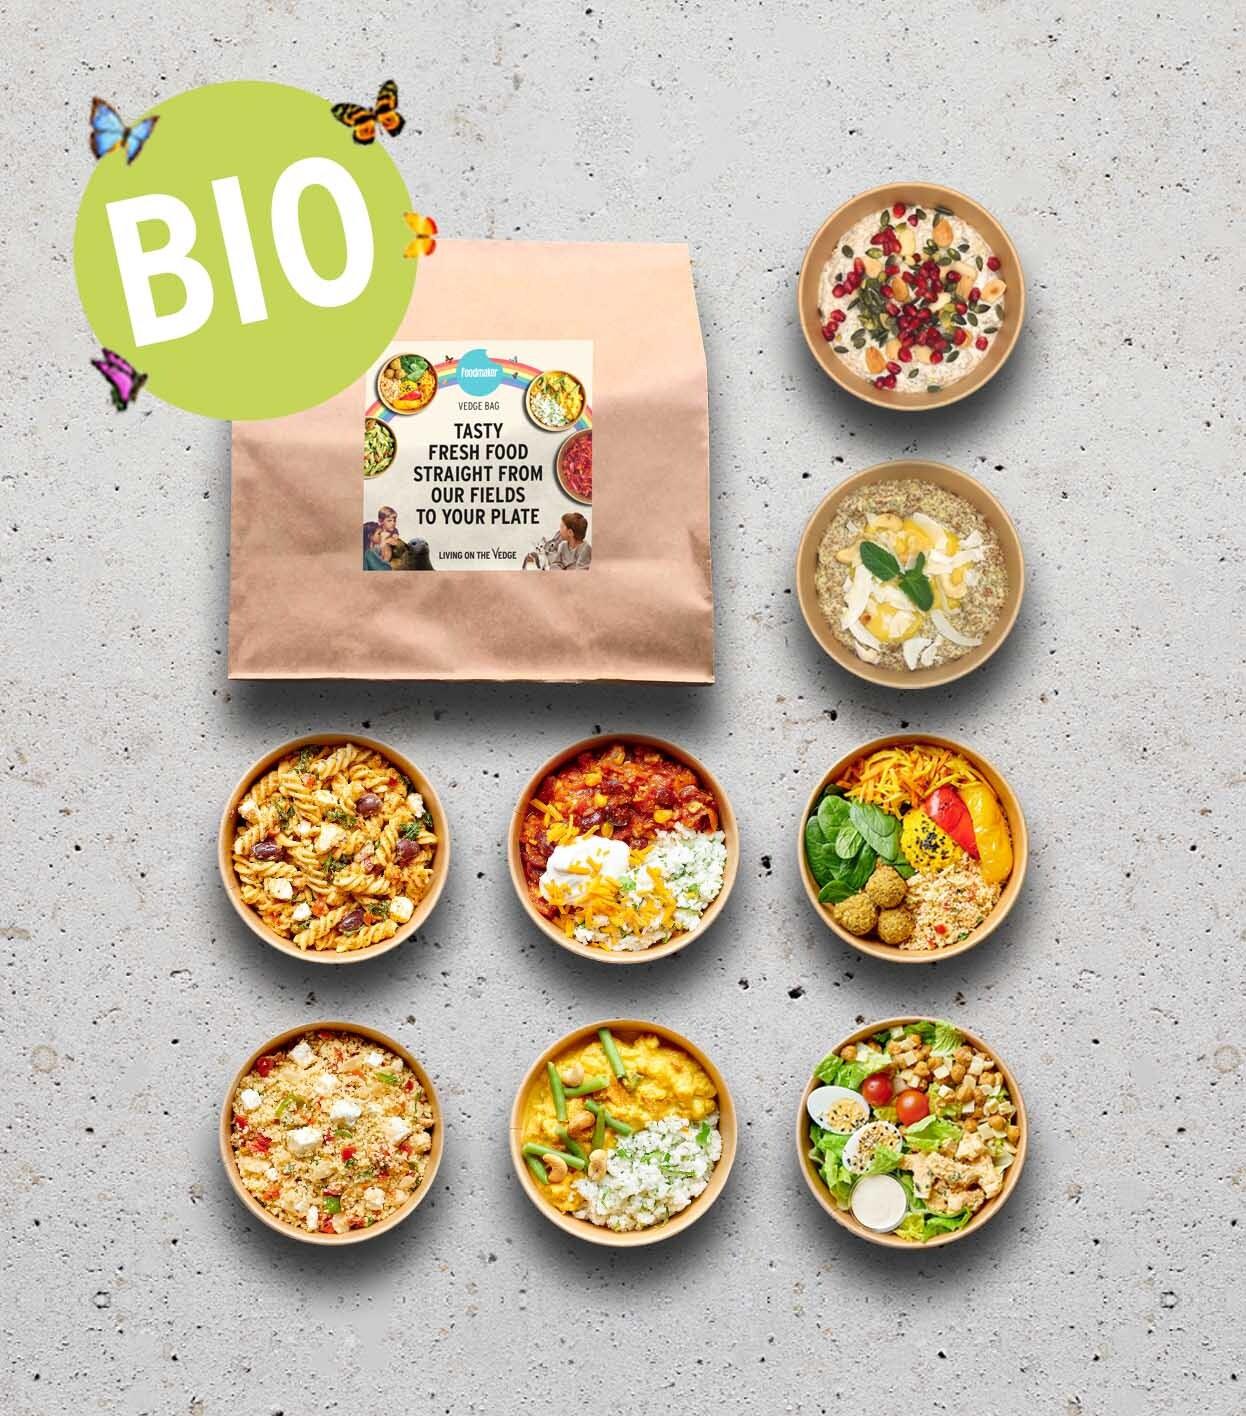 gezond gerechten ontbijt lunch salades warme gerechten in meeneemverpakking biologisch